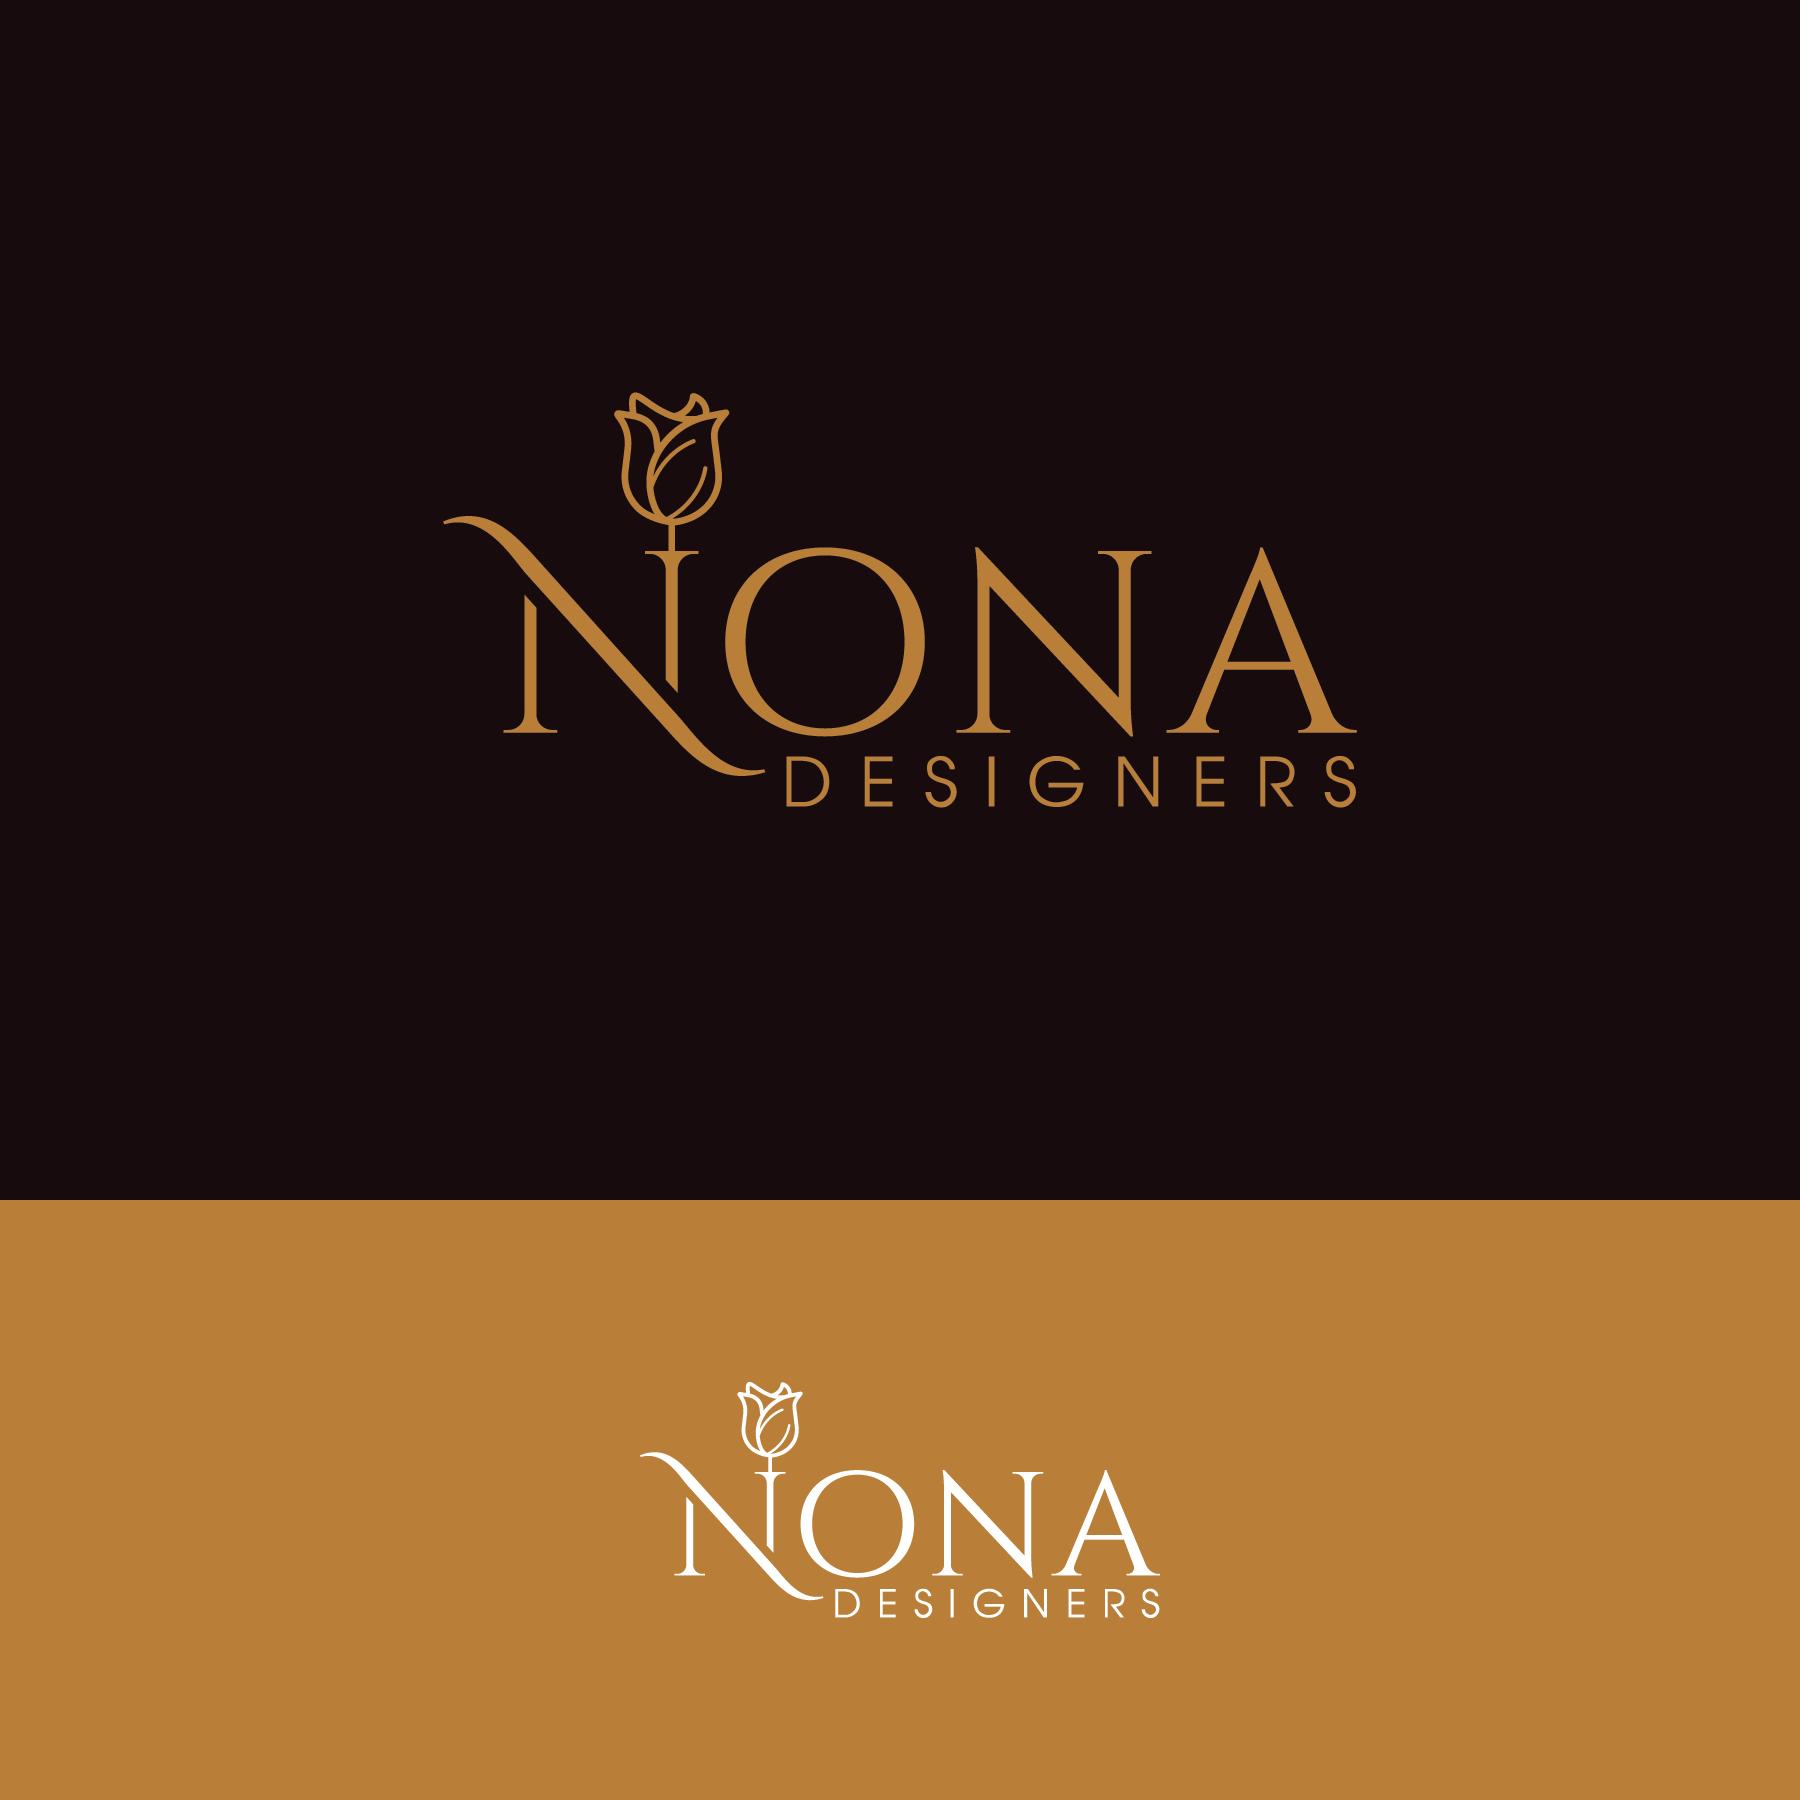 New logo wanted for DEVA  Logo design contest